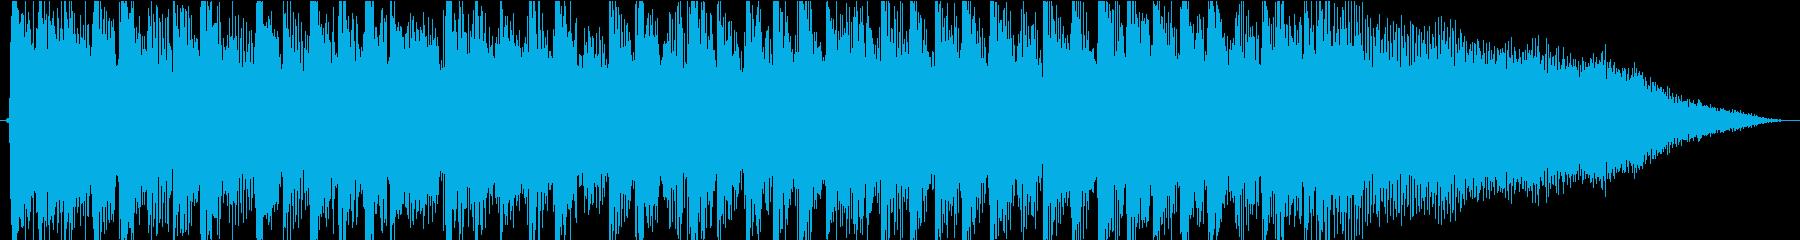 エネルギッシュな重めロックの再生済みの波形